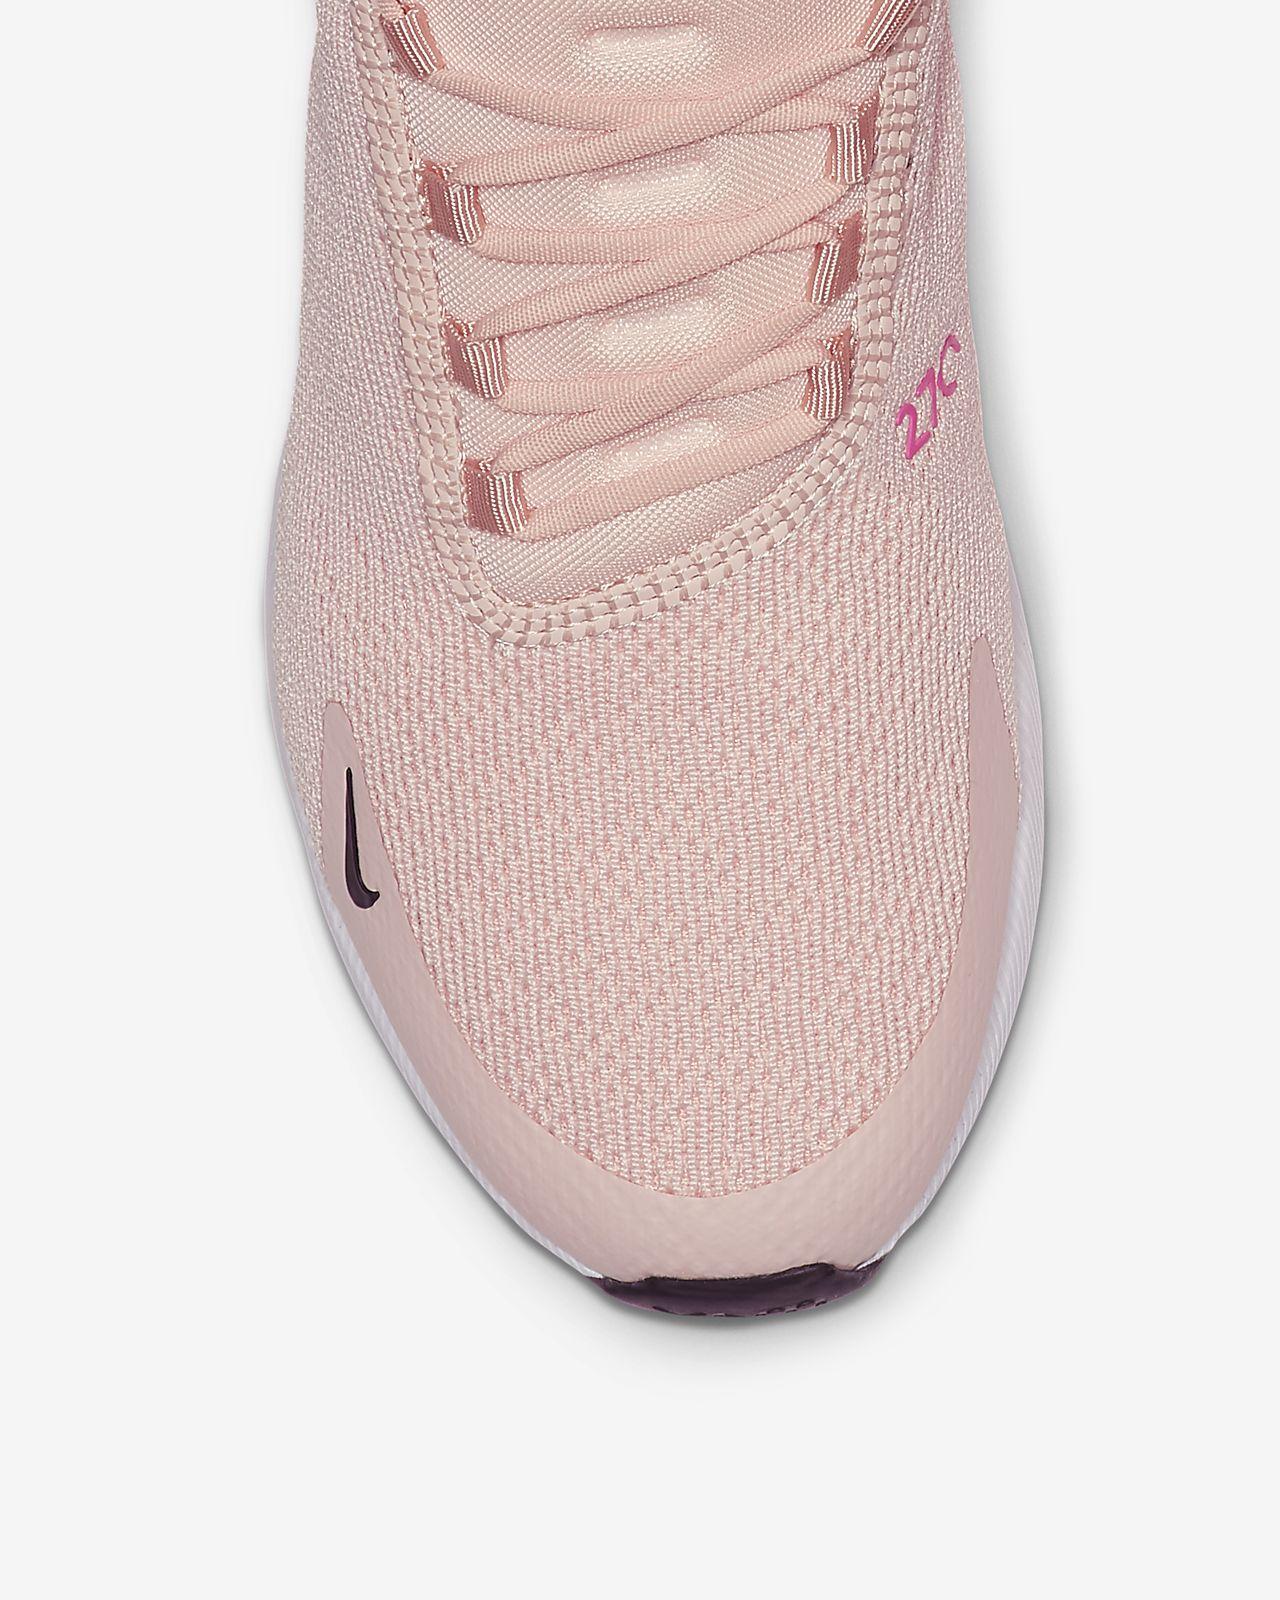 separation shoes 73624 612d0 ... Nike Air Max 270 Women s Shoe